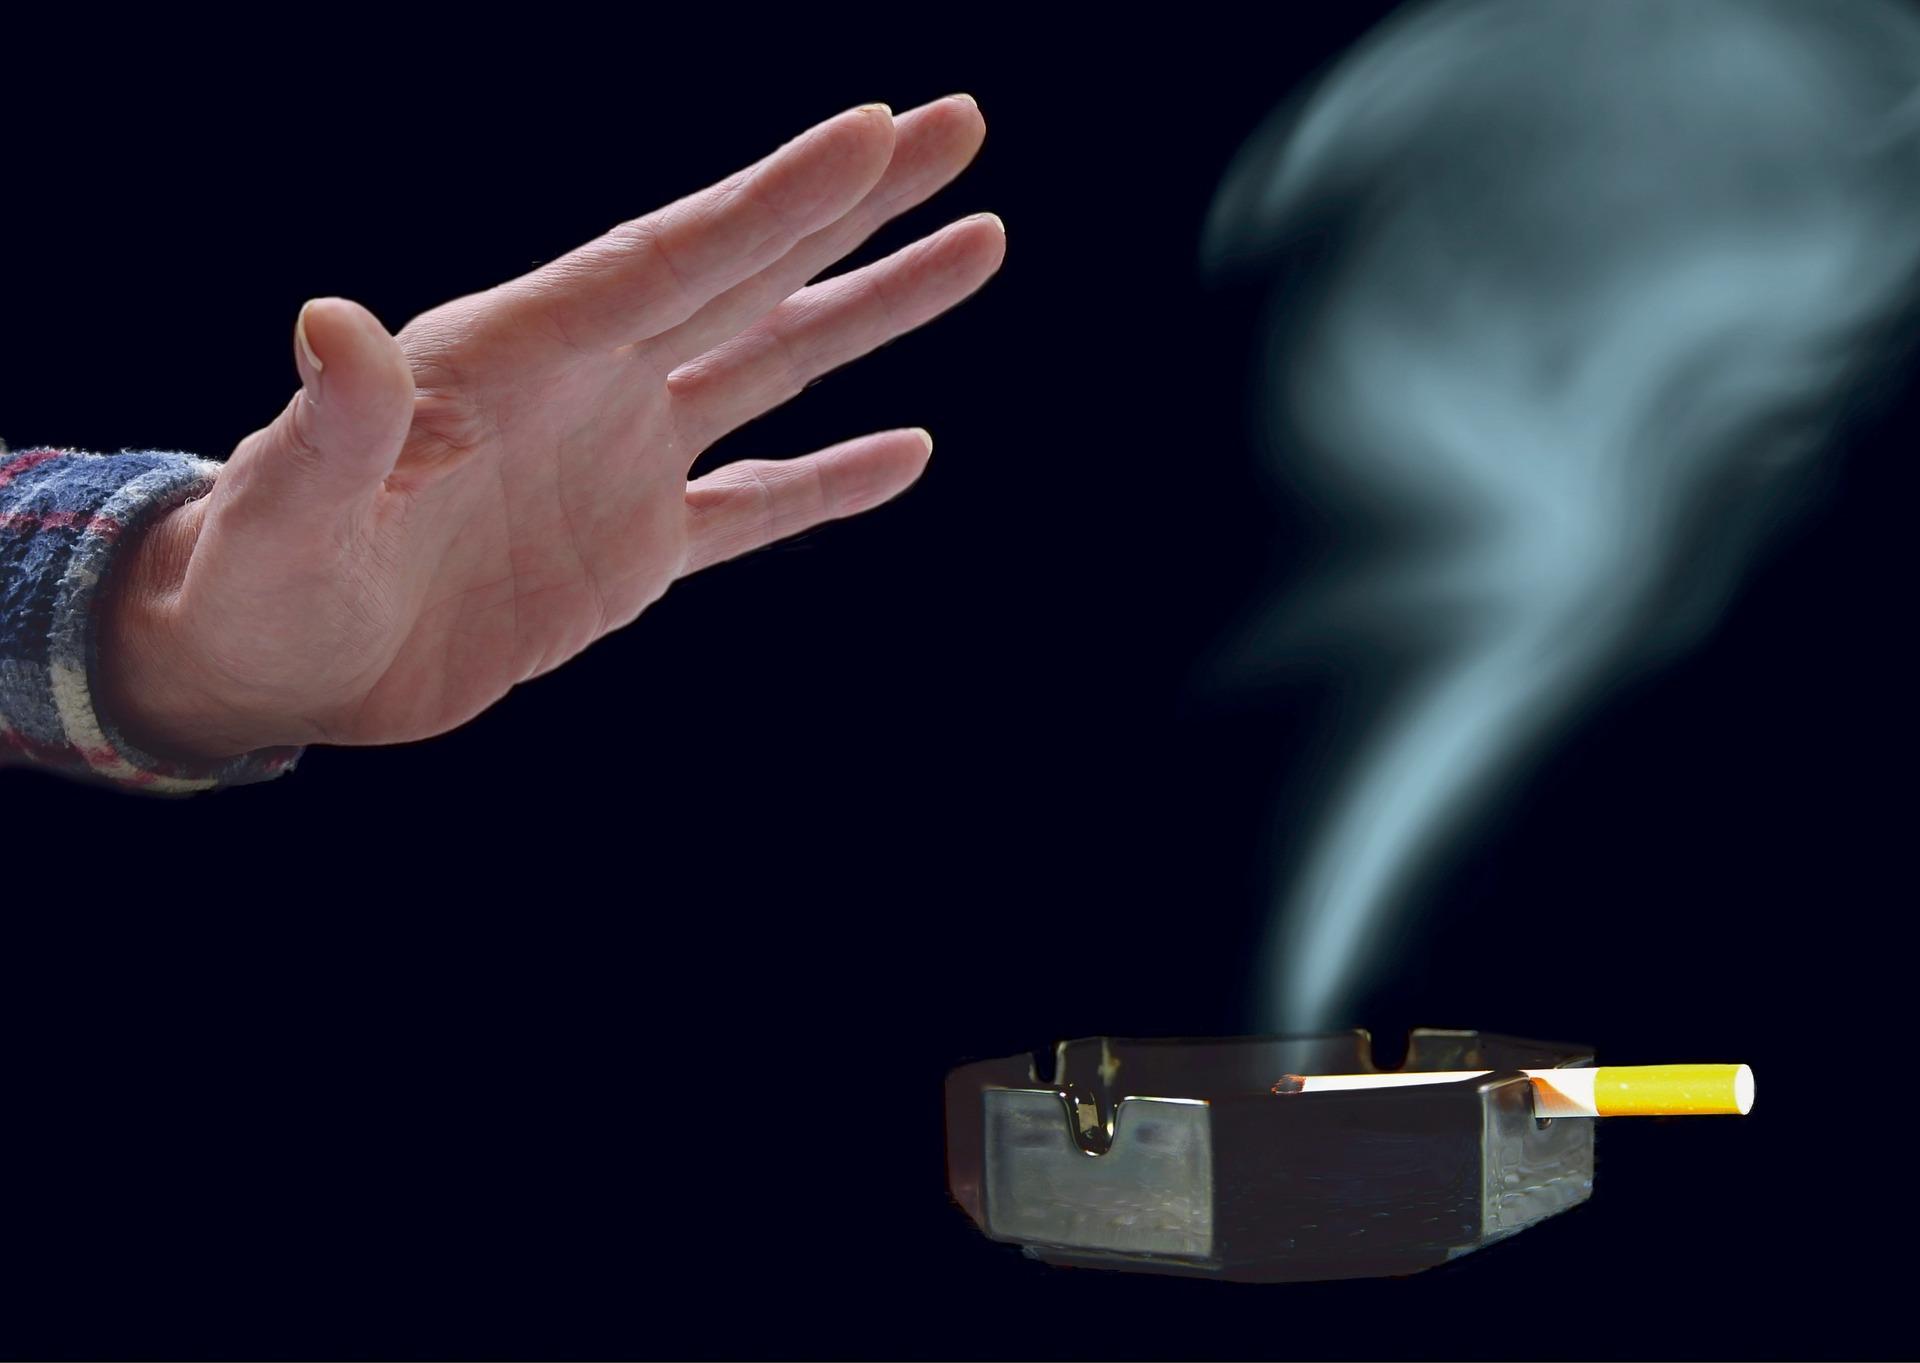 タバコからグローへ完全移行